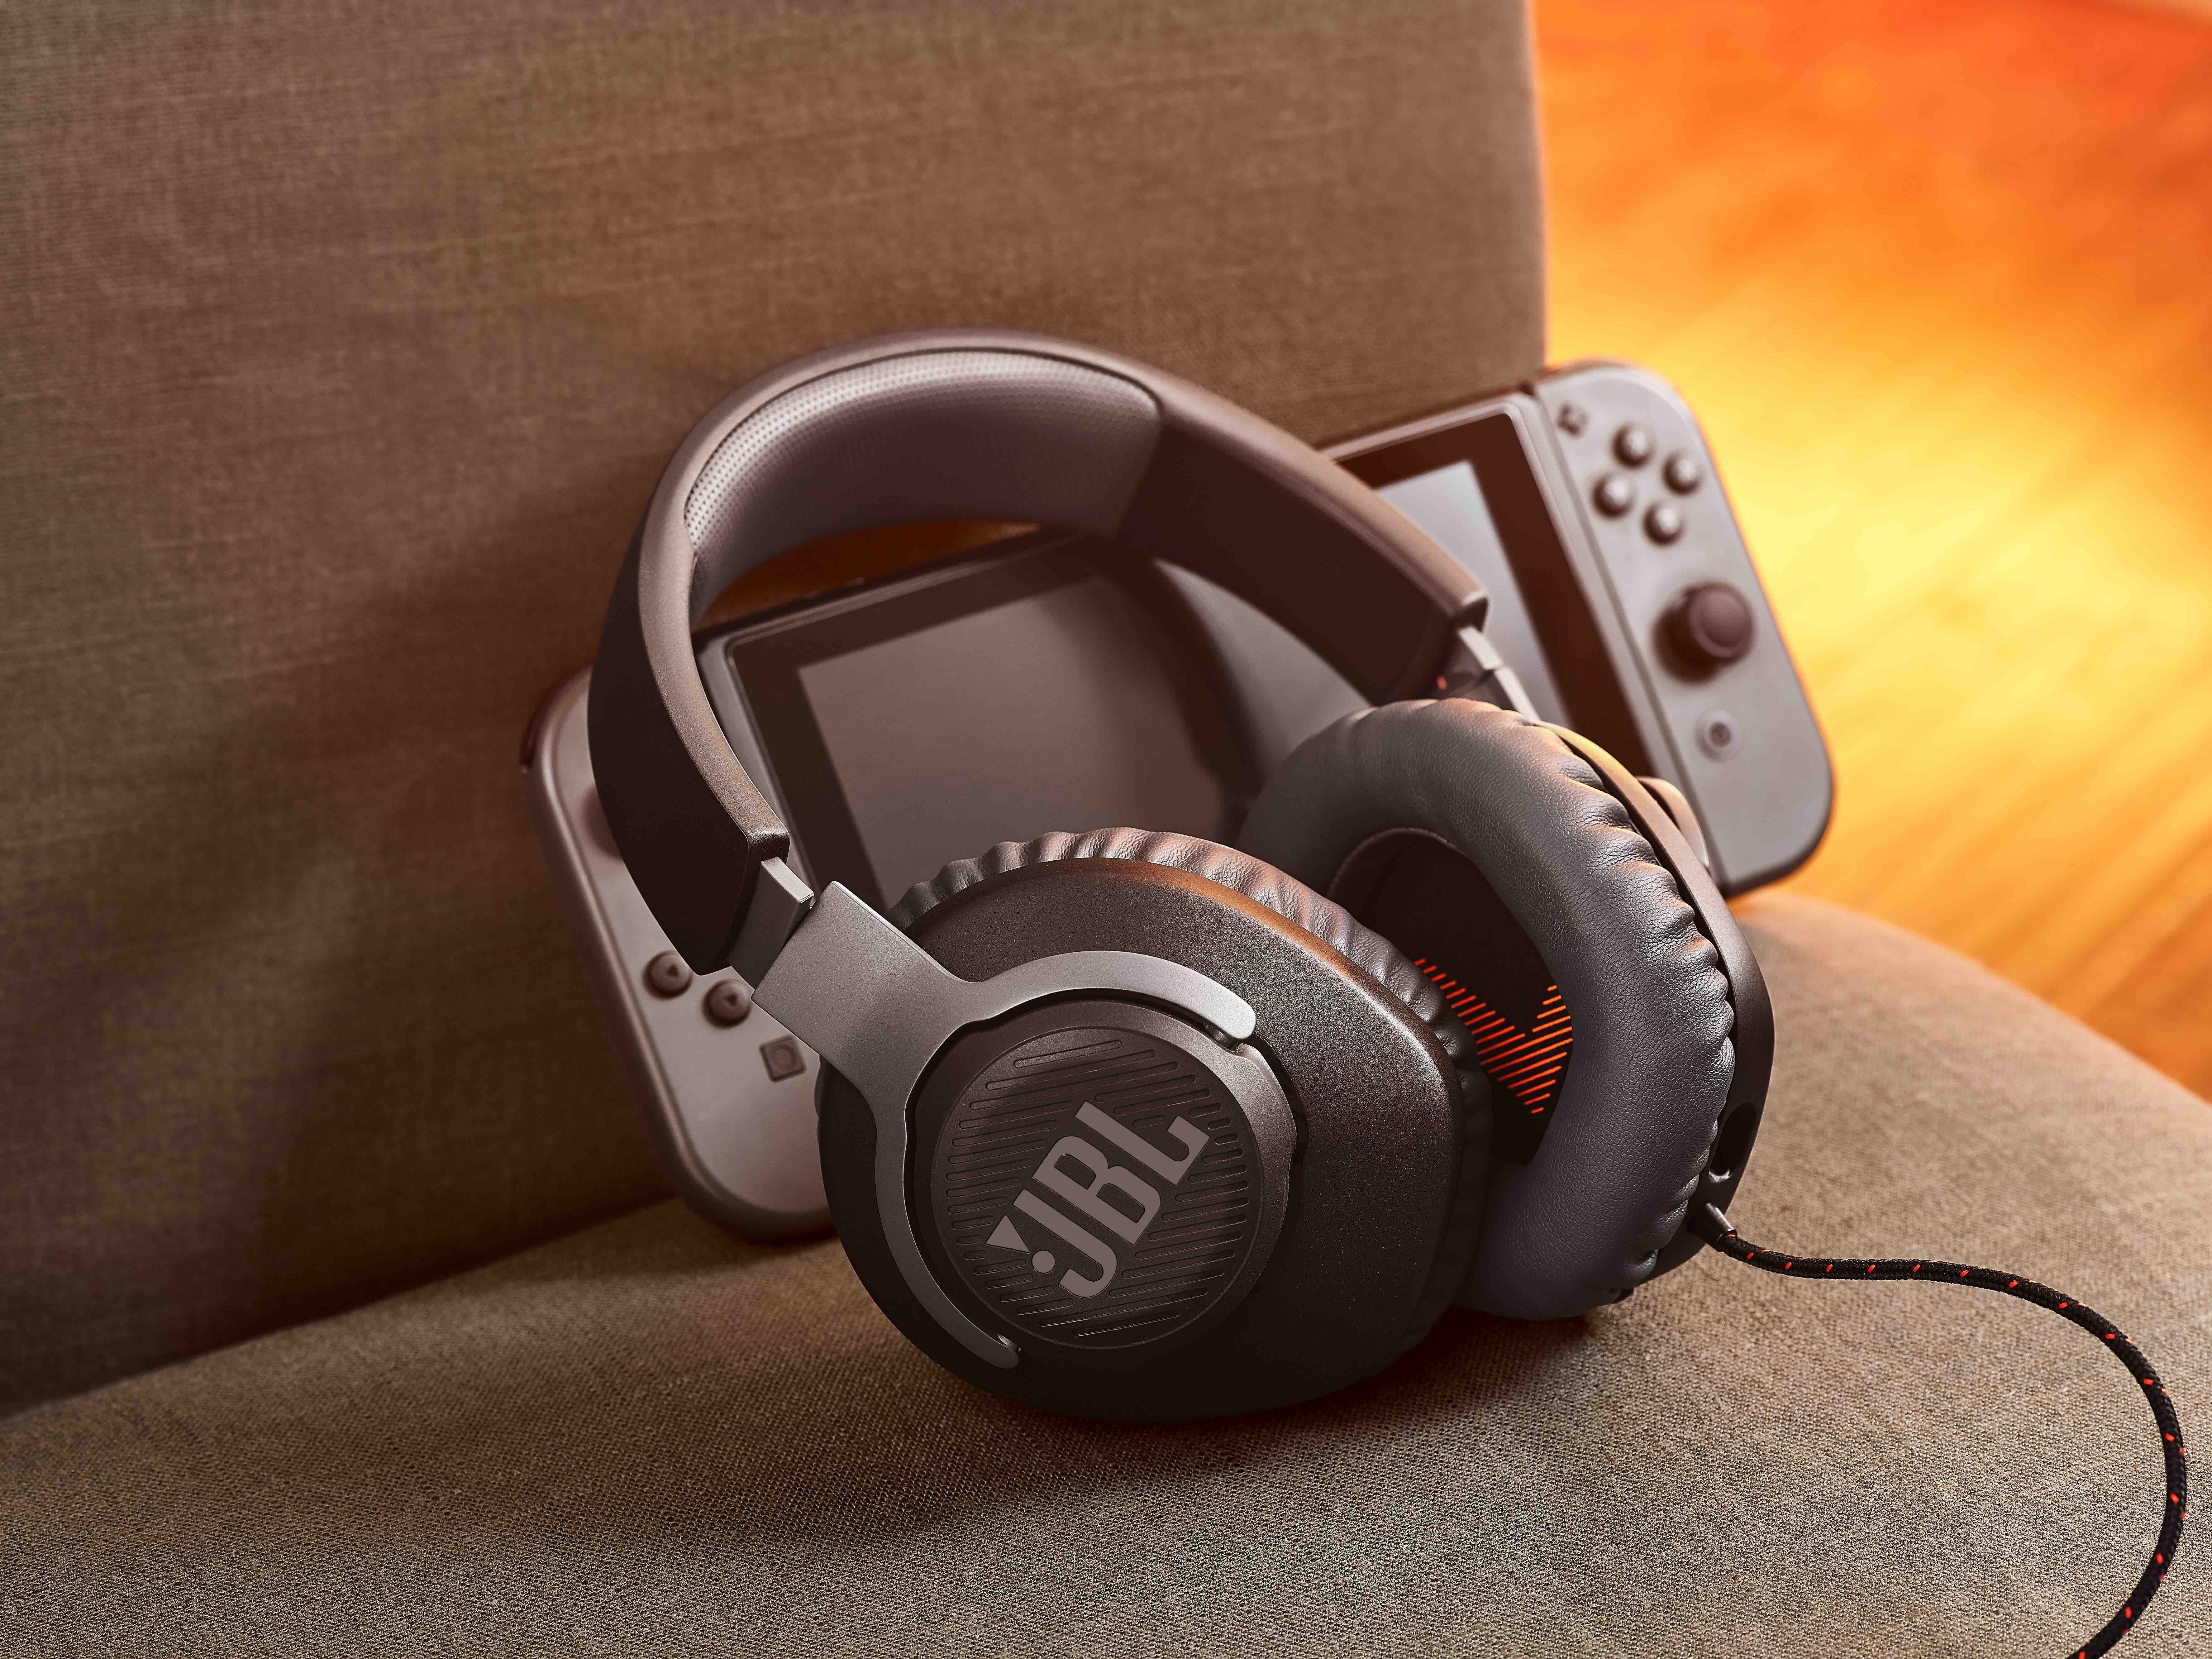 JBL Quantum - nowa seria słuchawek i głośników gamingowych